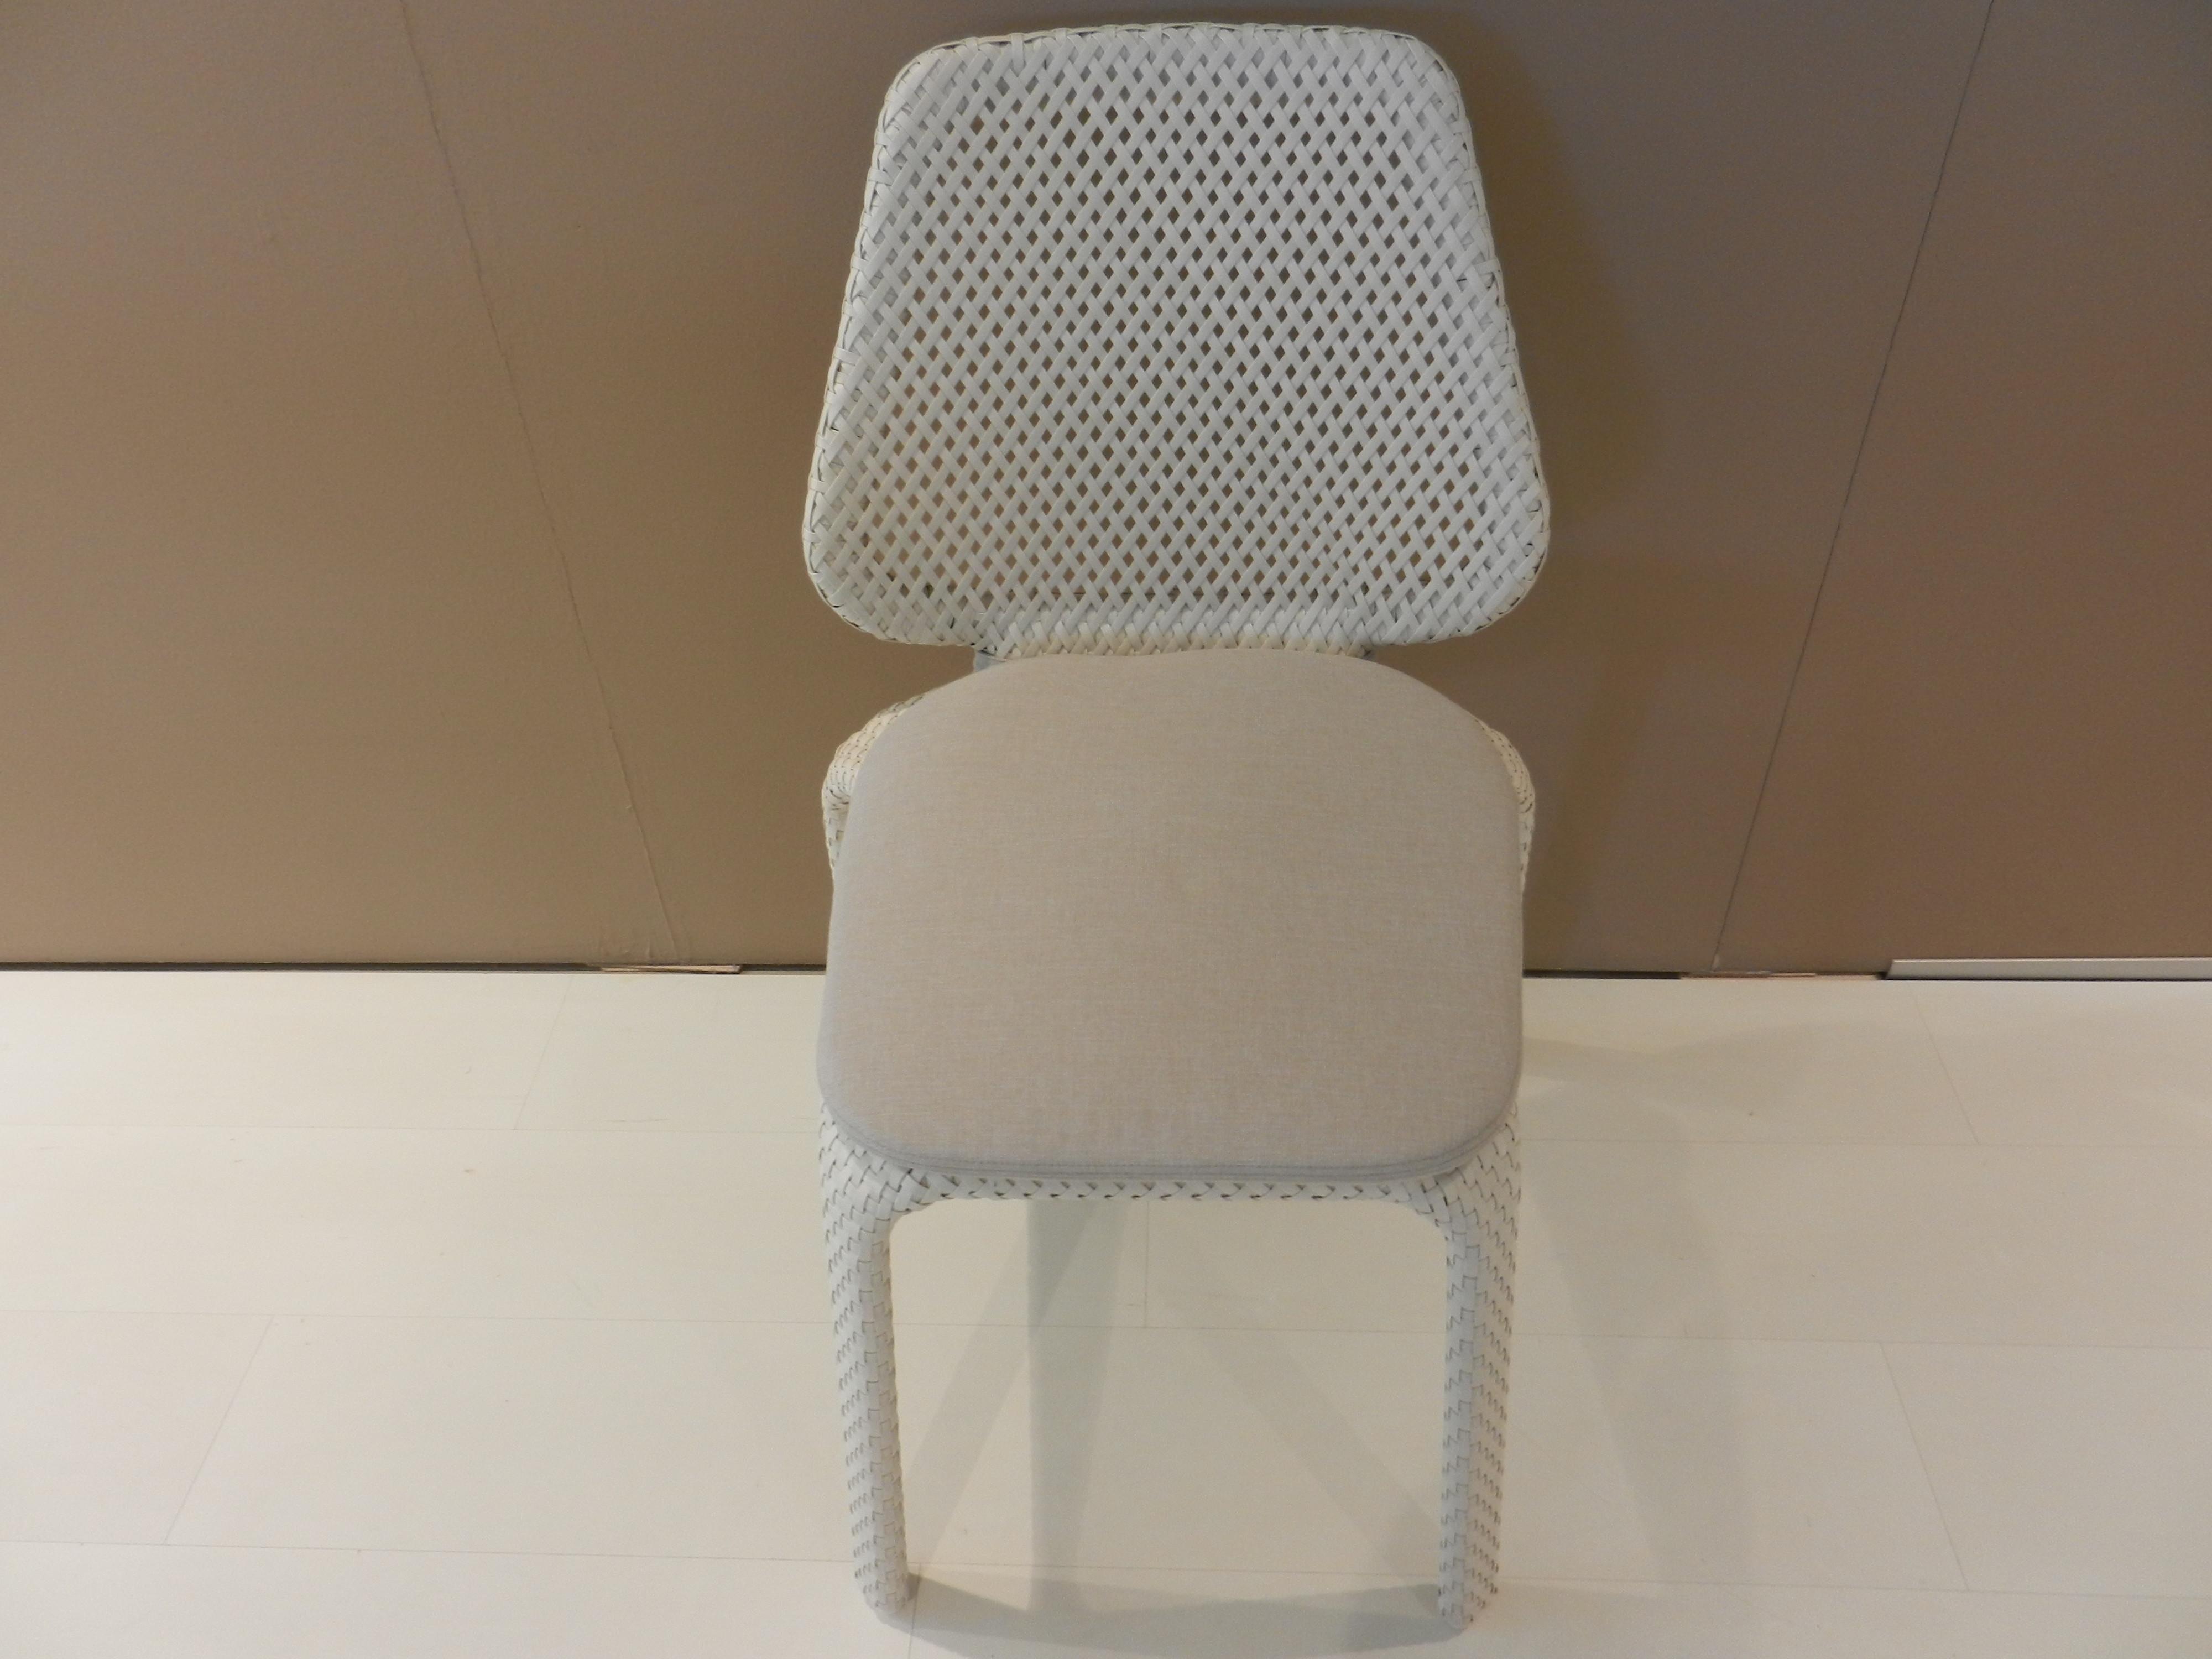 4 Stühle Seashell von Dedon 06